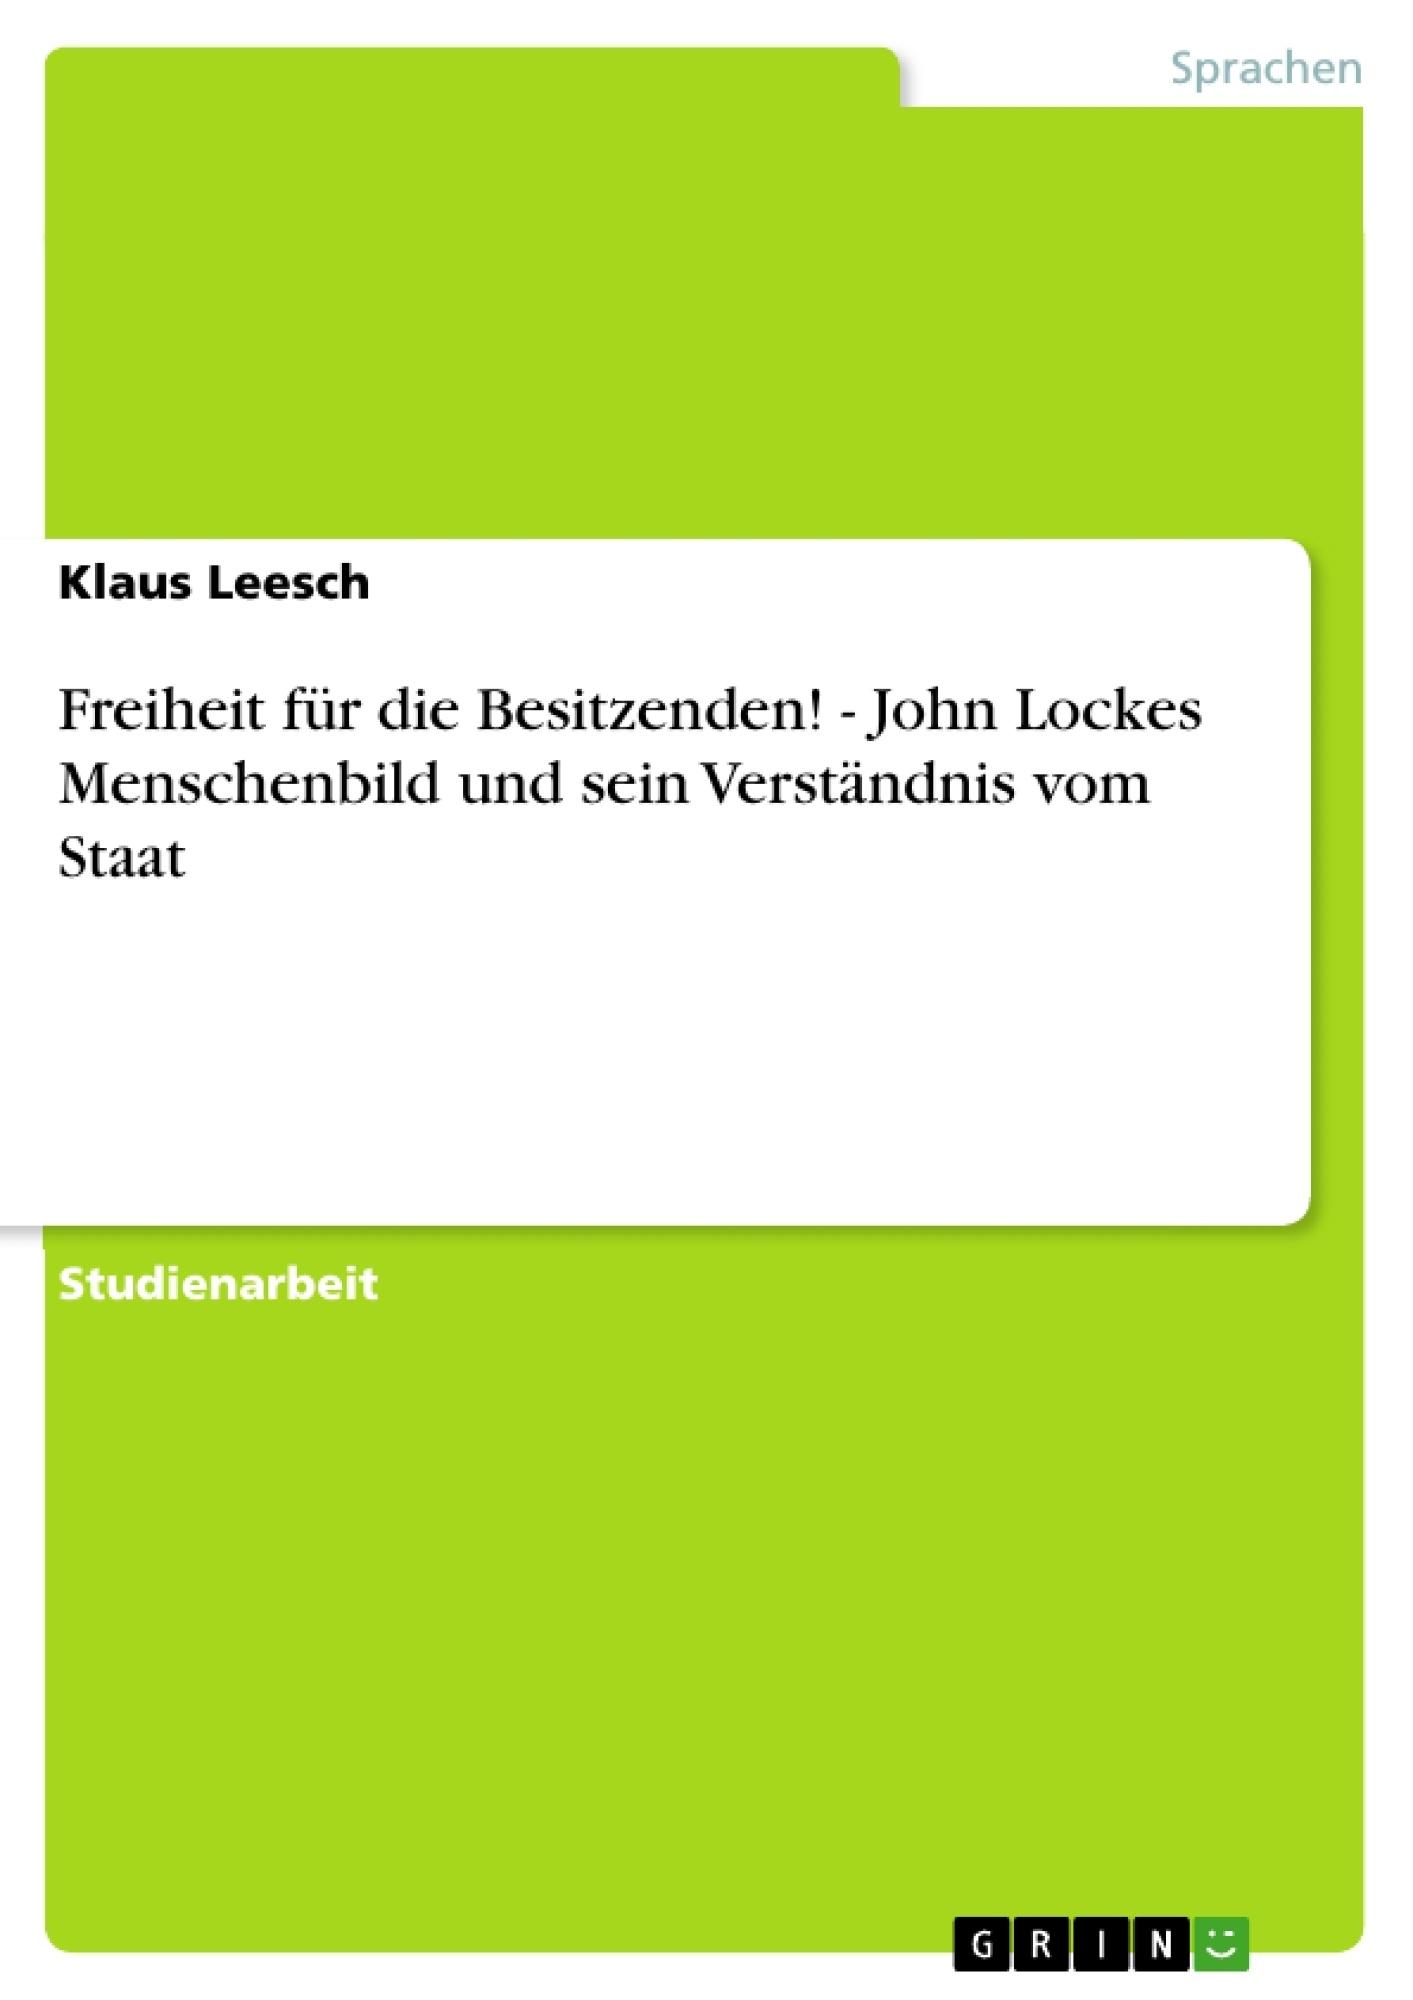 Titel: Freiheit für die Besitzenden! - John Lockes Menschenbild und sein Verständnis vom Staat